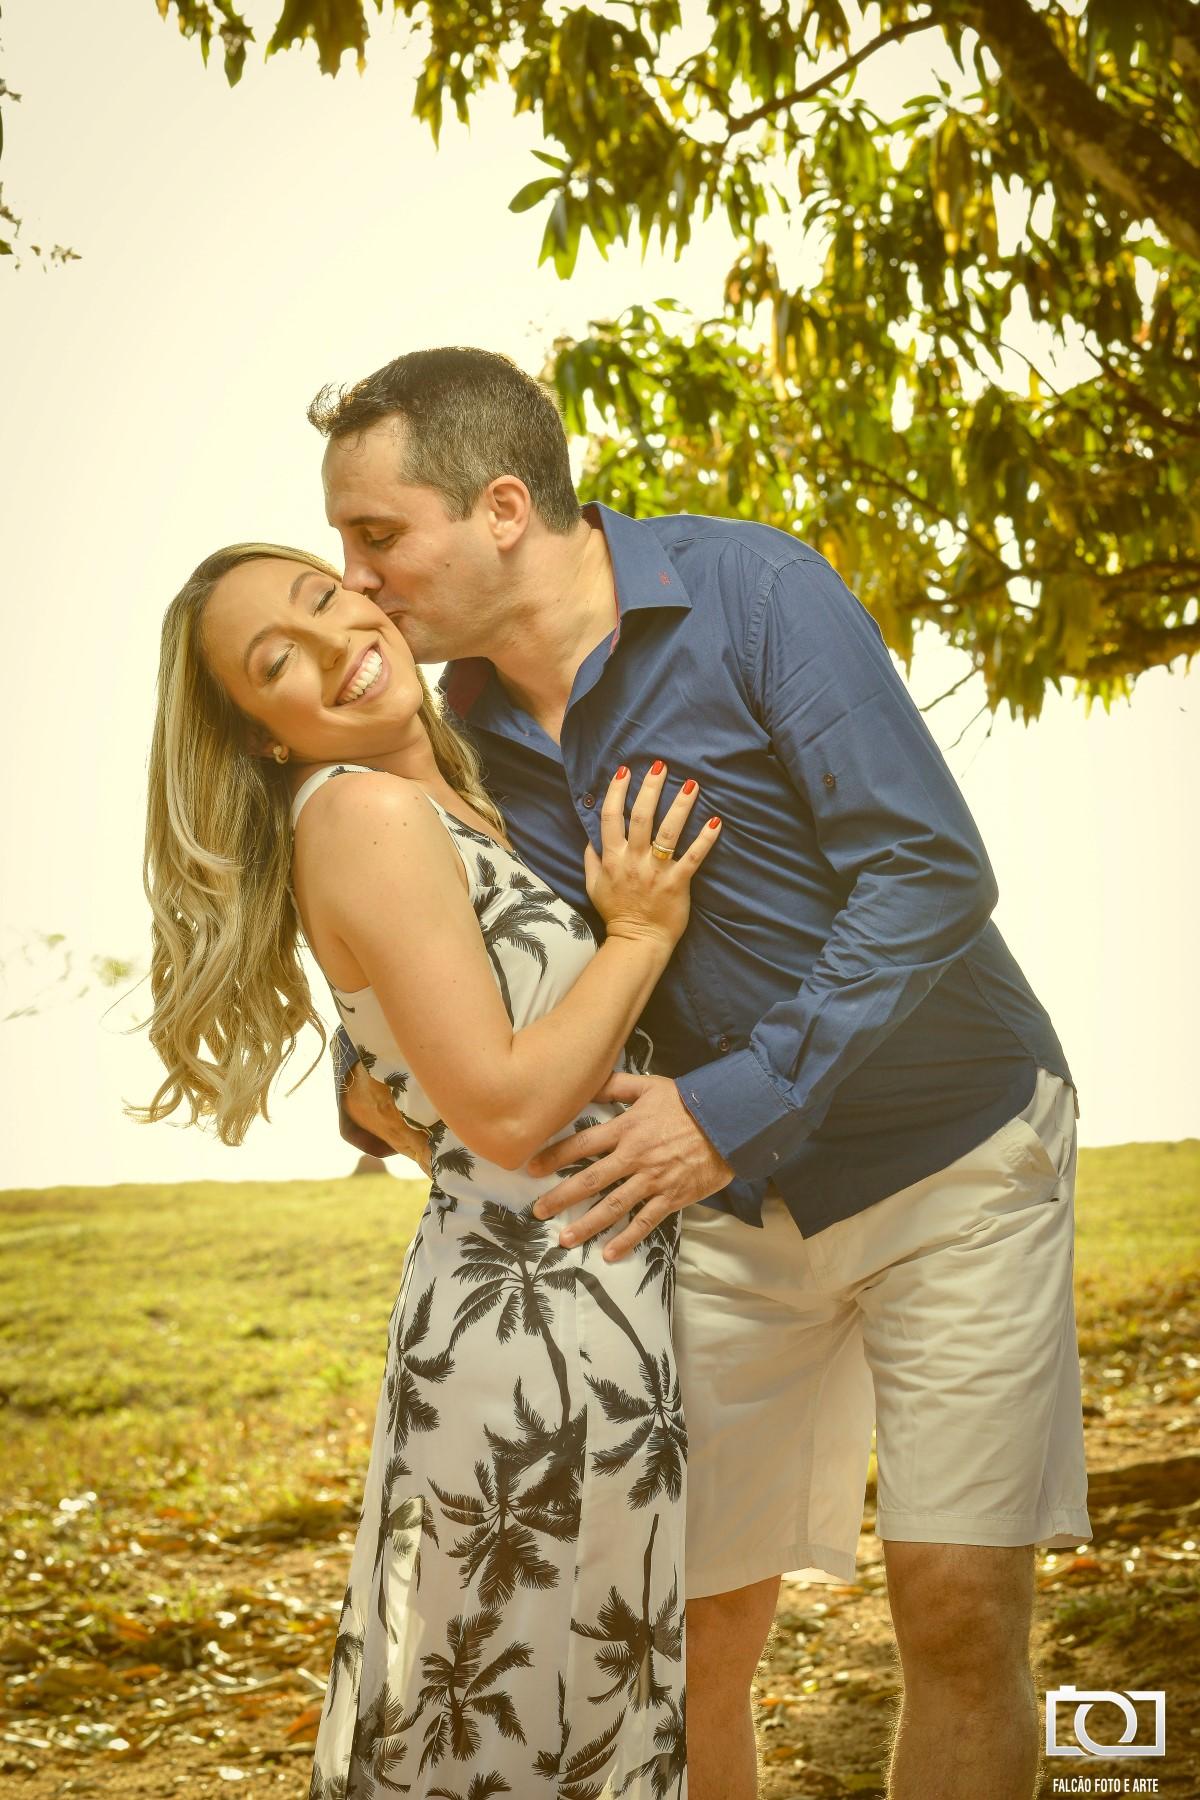 Foto de um noivo beijando sua noiva no rosto enquanto a segura pela cintura.